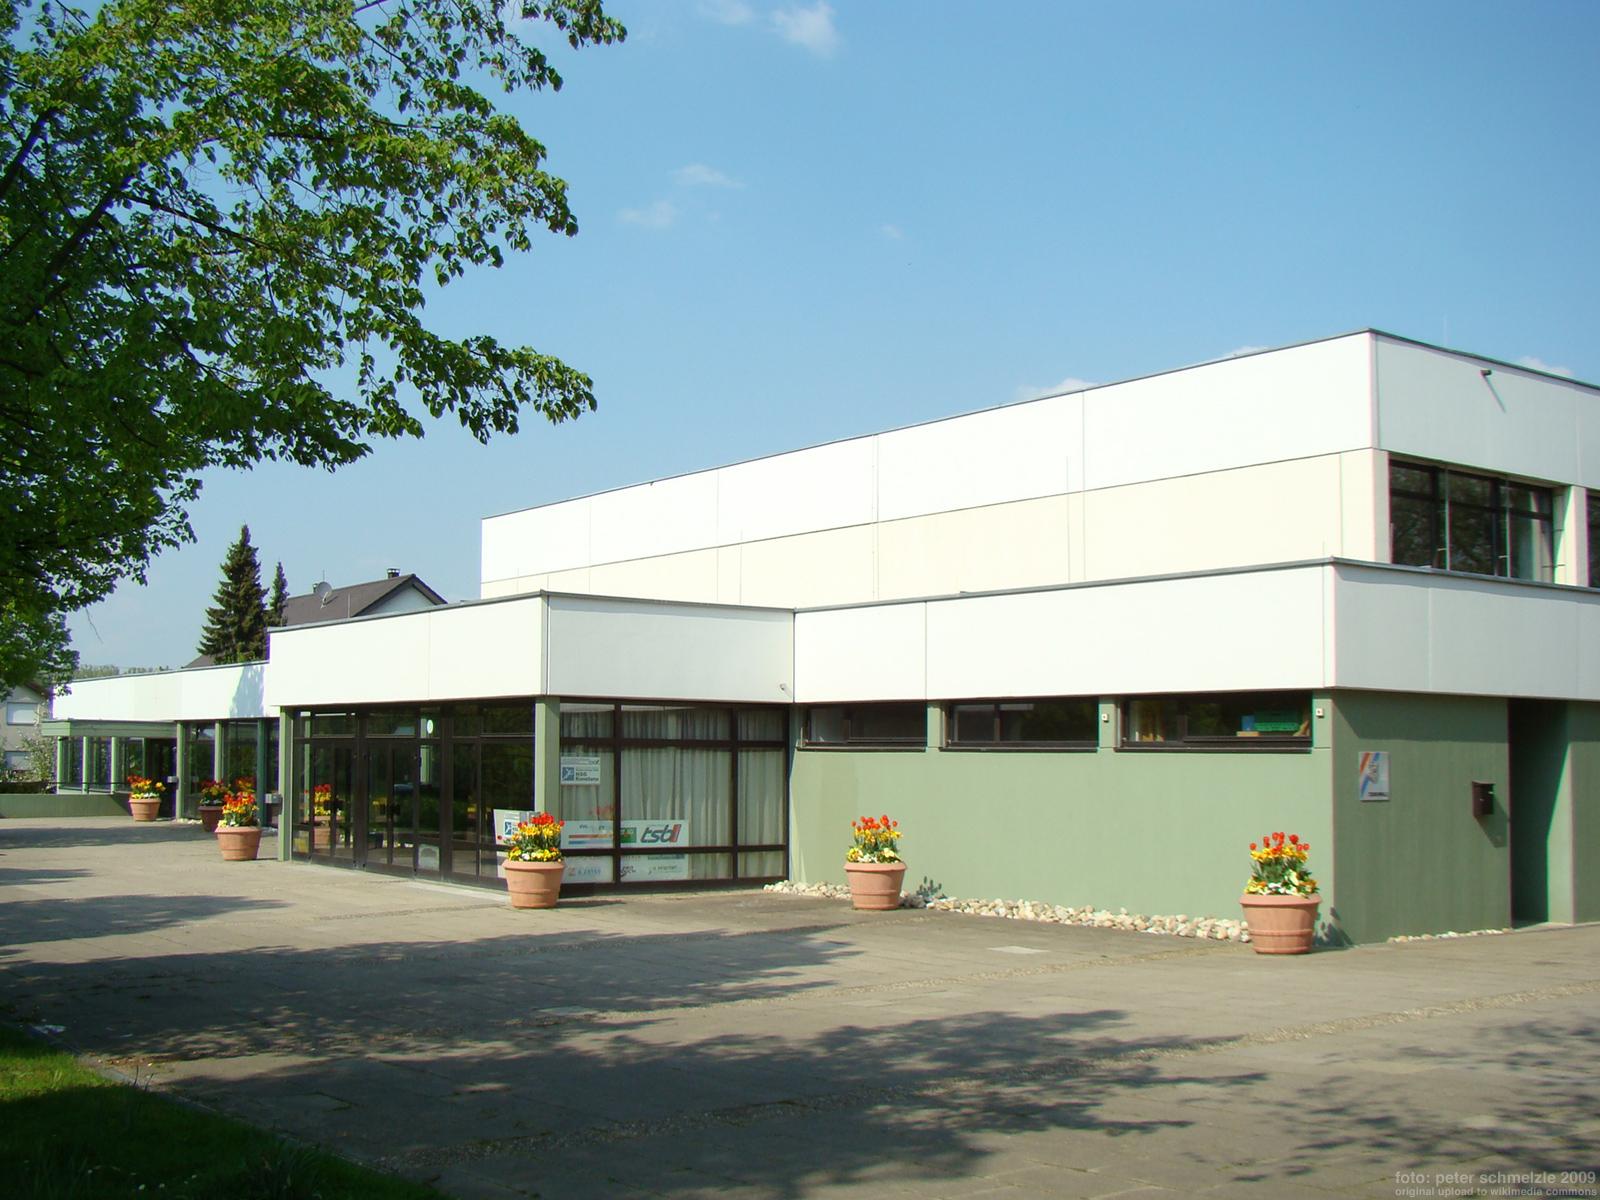 Bildergebnis für stauwehrhalle horkheim